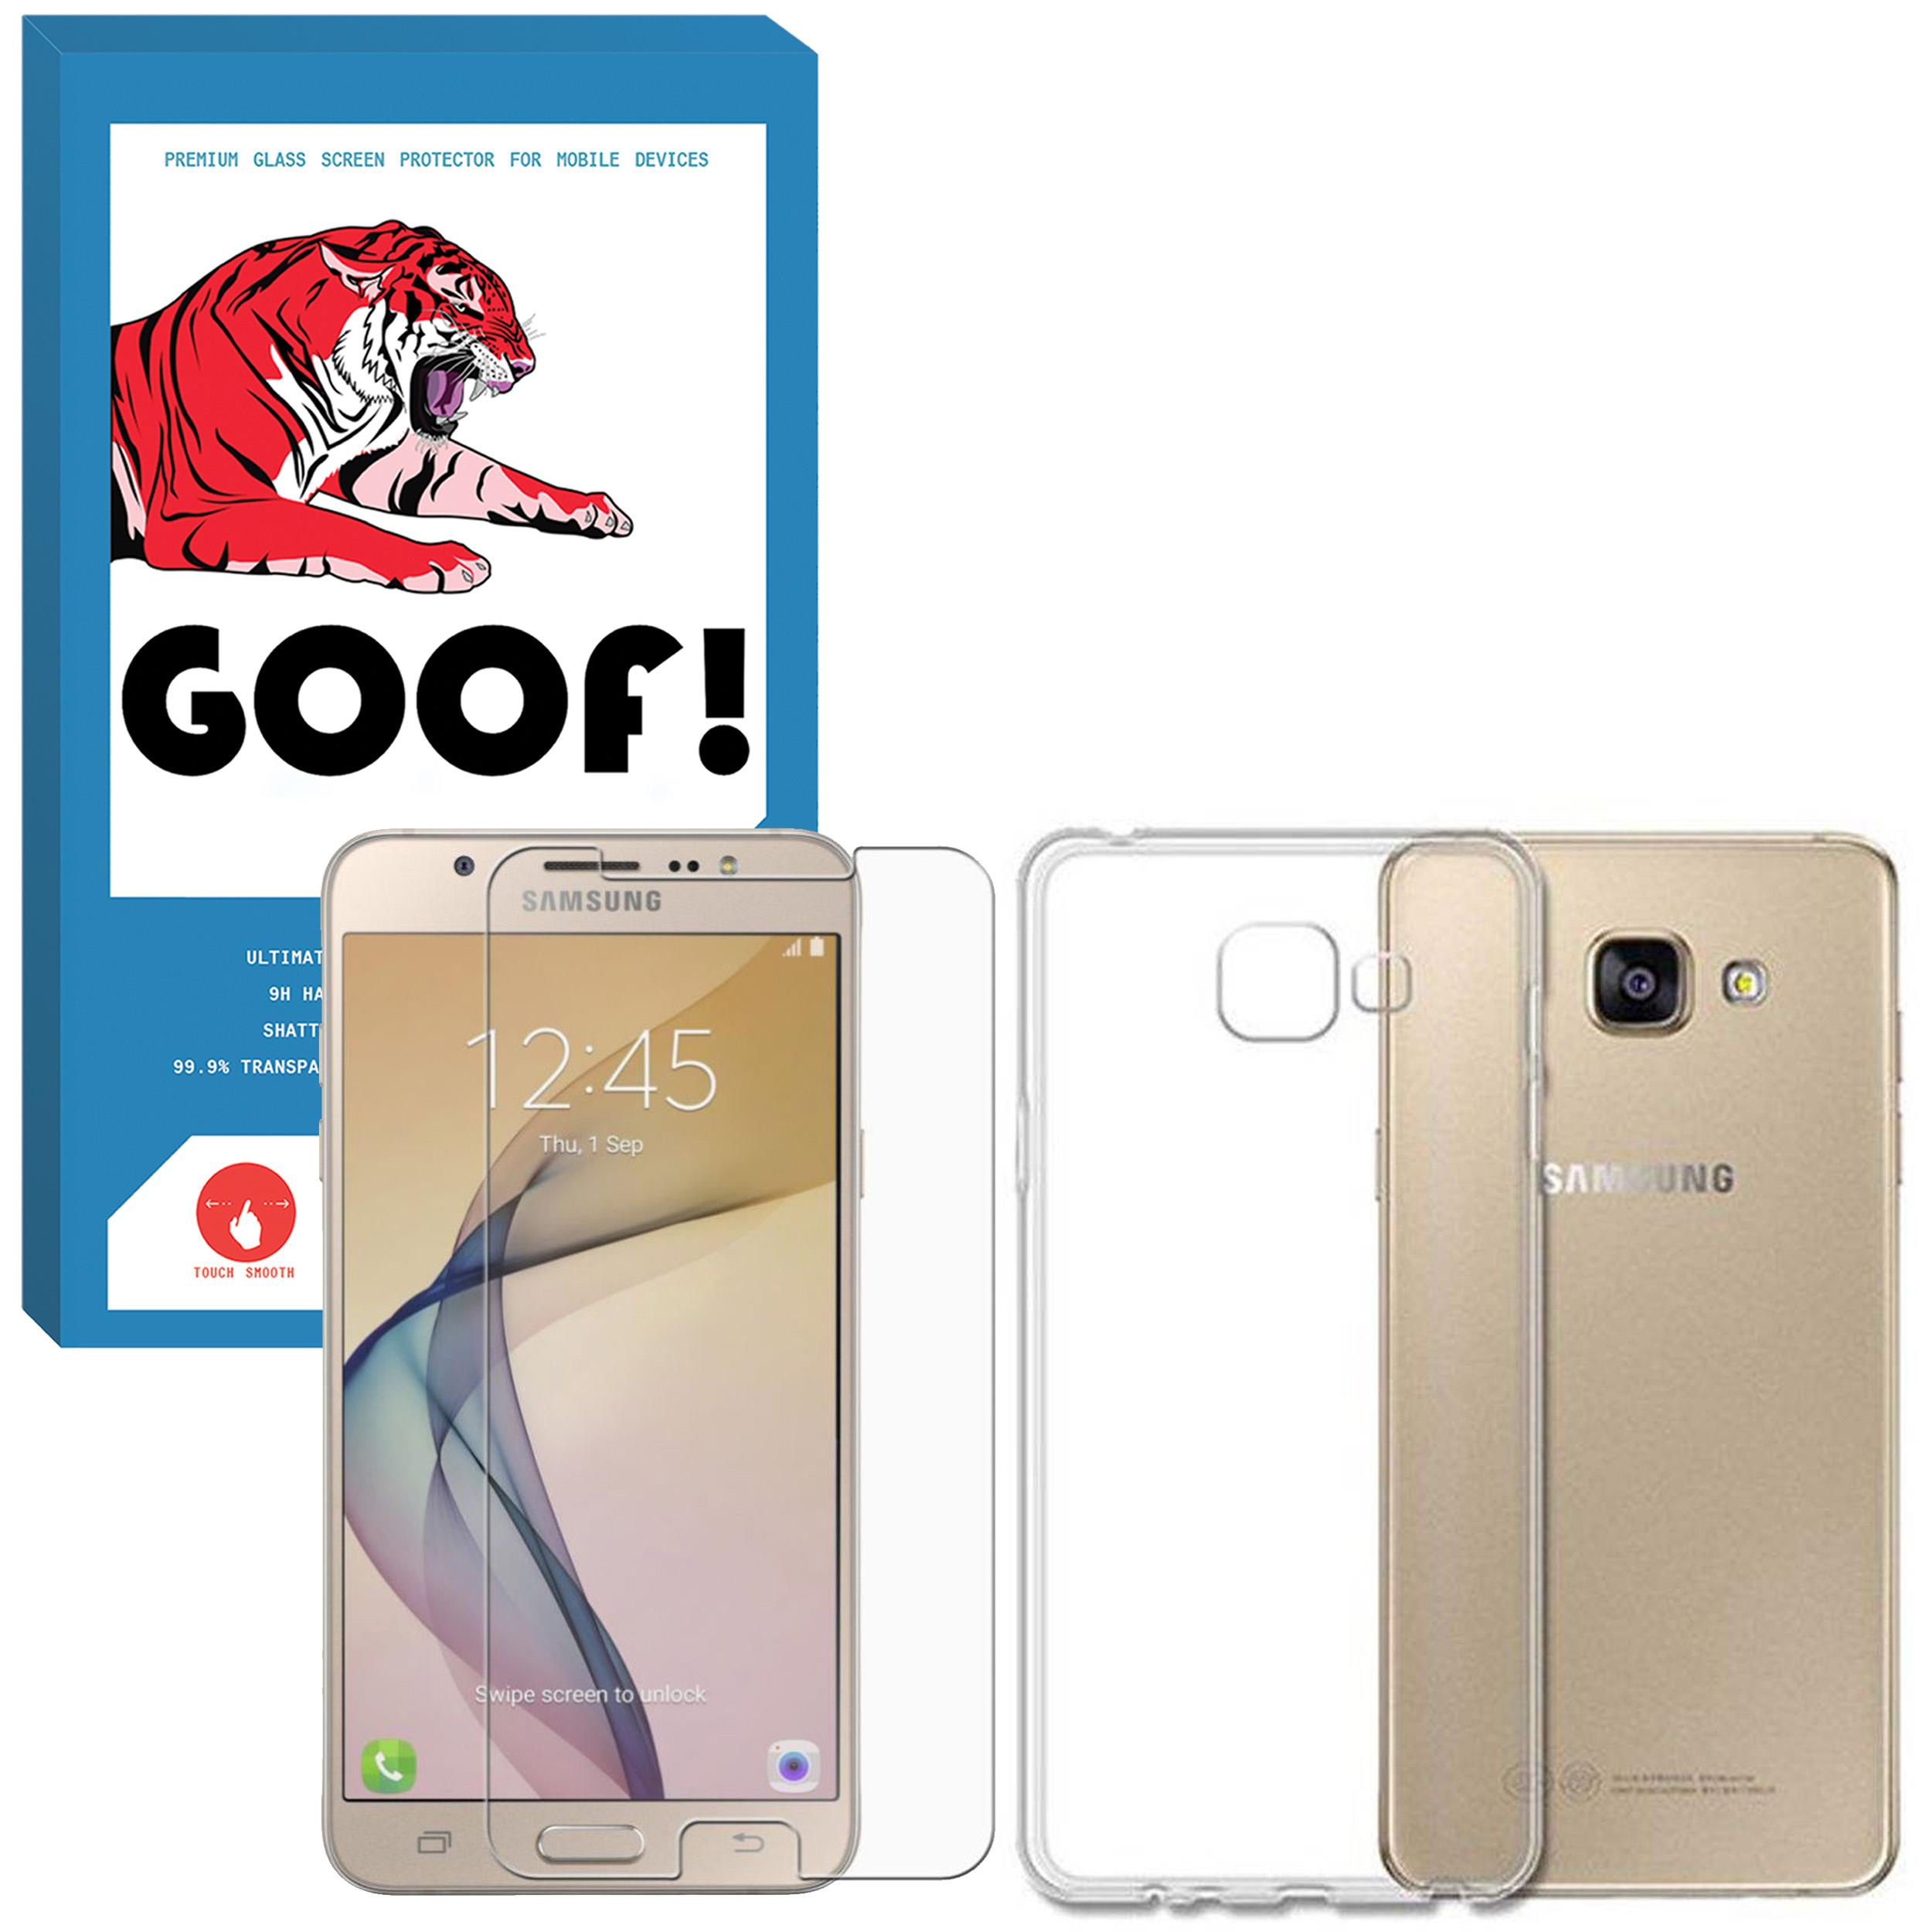 کاور مدل CLR-001 مناسب برای گوی موبایل سامسونگ Galaxy A3 2017 / A320 به همراه محافظ صفحه نمایش گوف مدل SDG-001